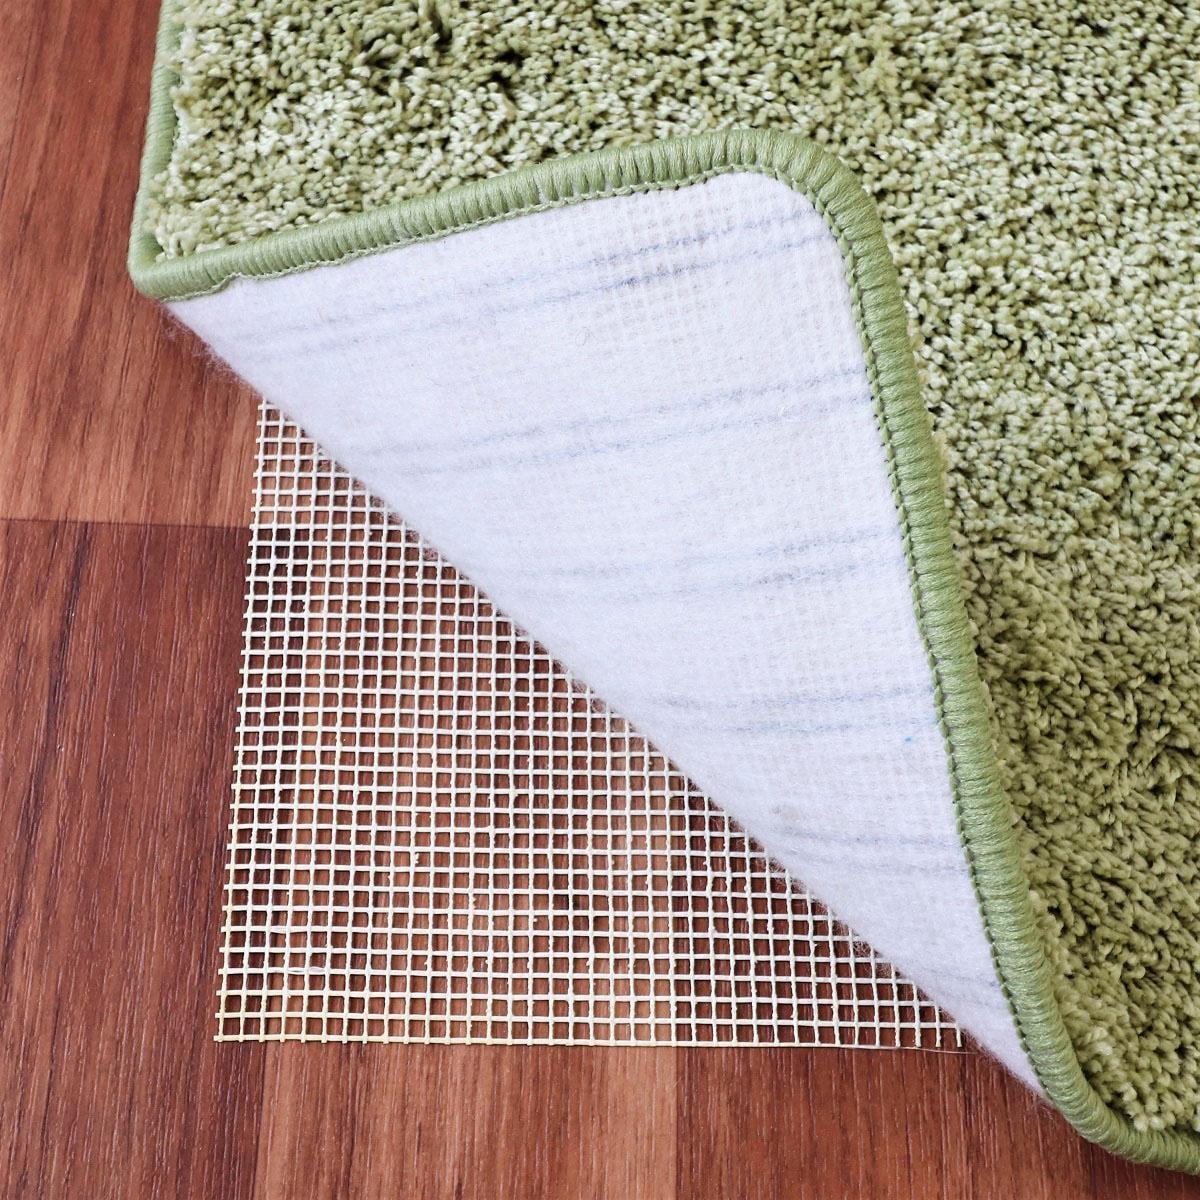 Image of Antirutsch Teppichunterlage, »Teppich Stop«, Living Line